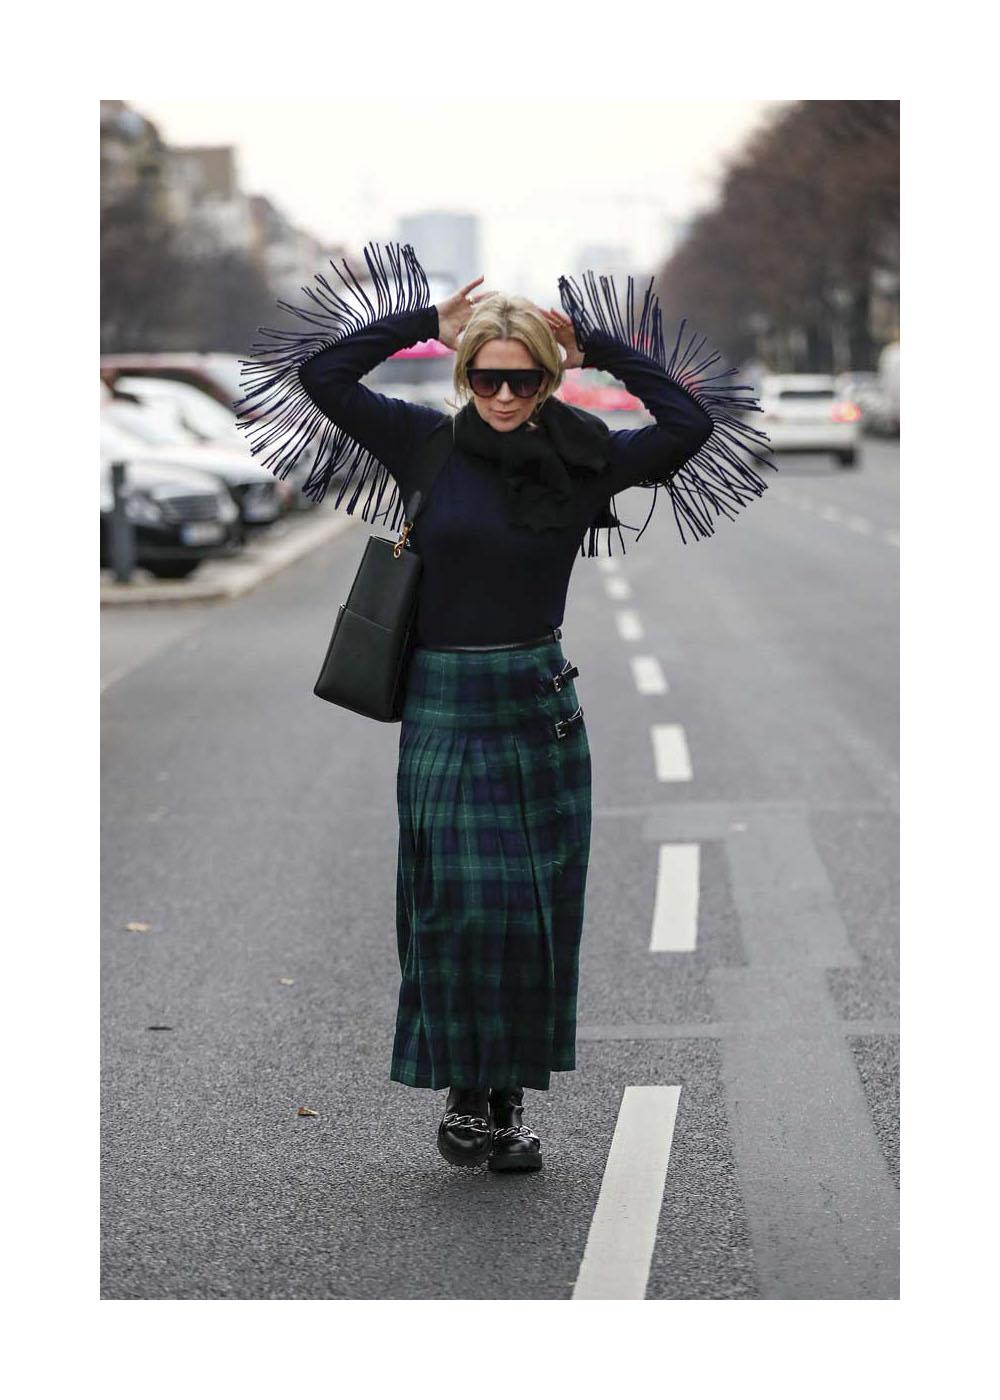 Tamara von Nayhauss Street Style Shooting In Berlin